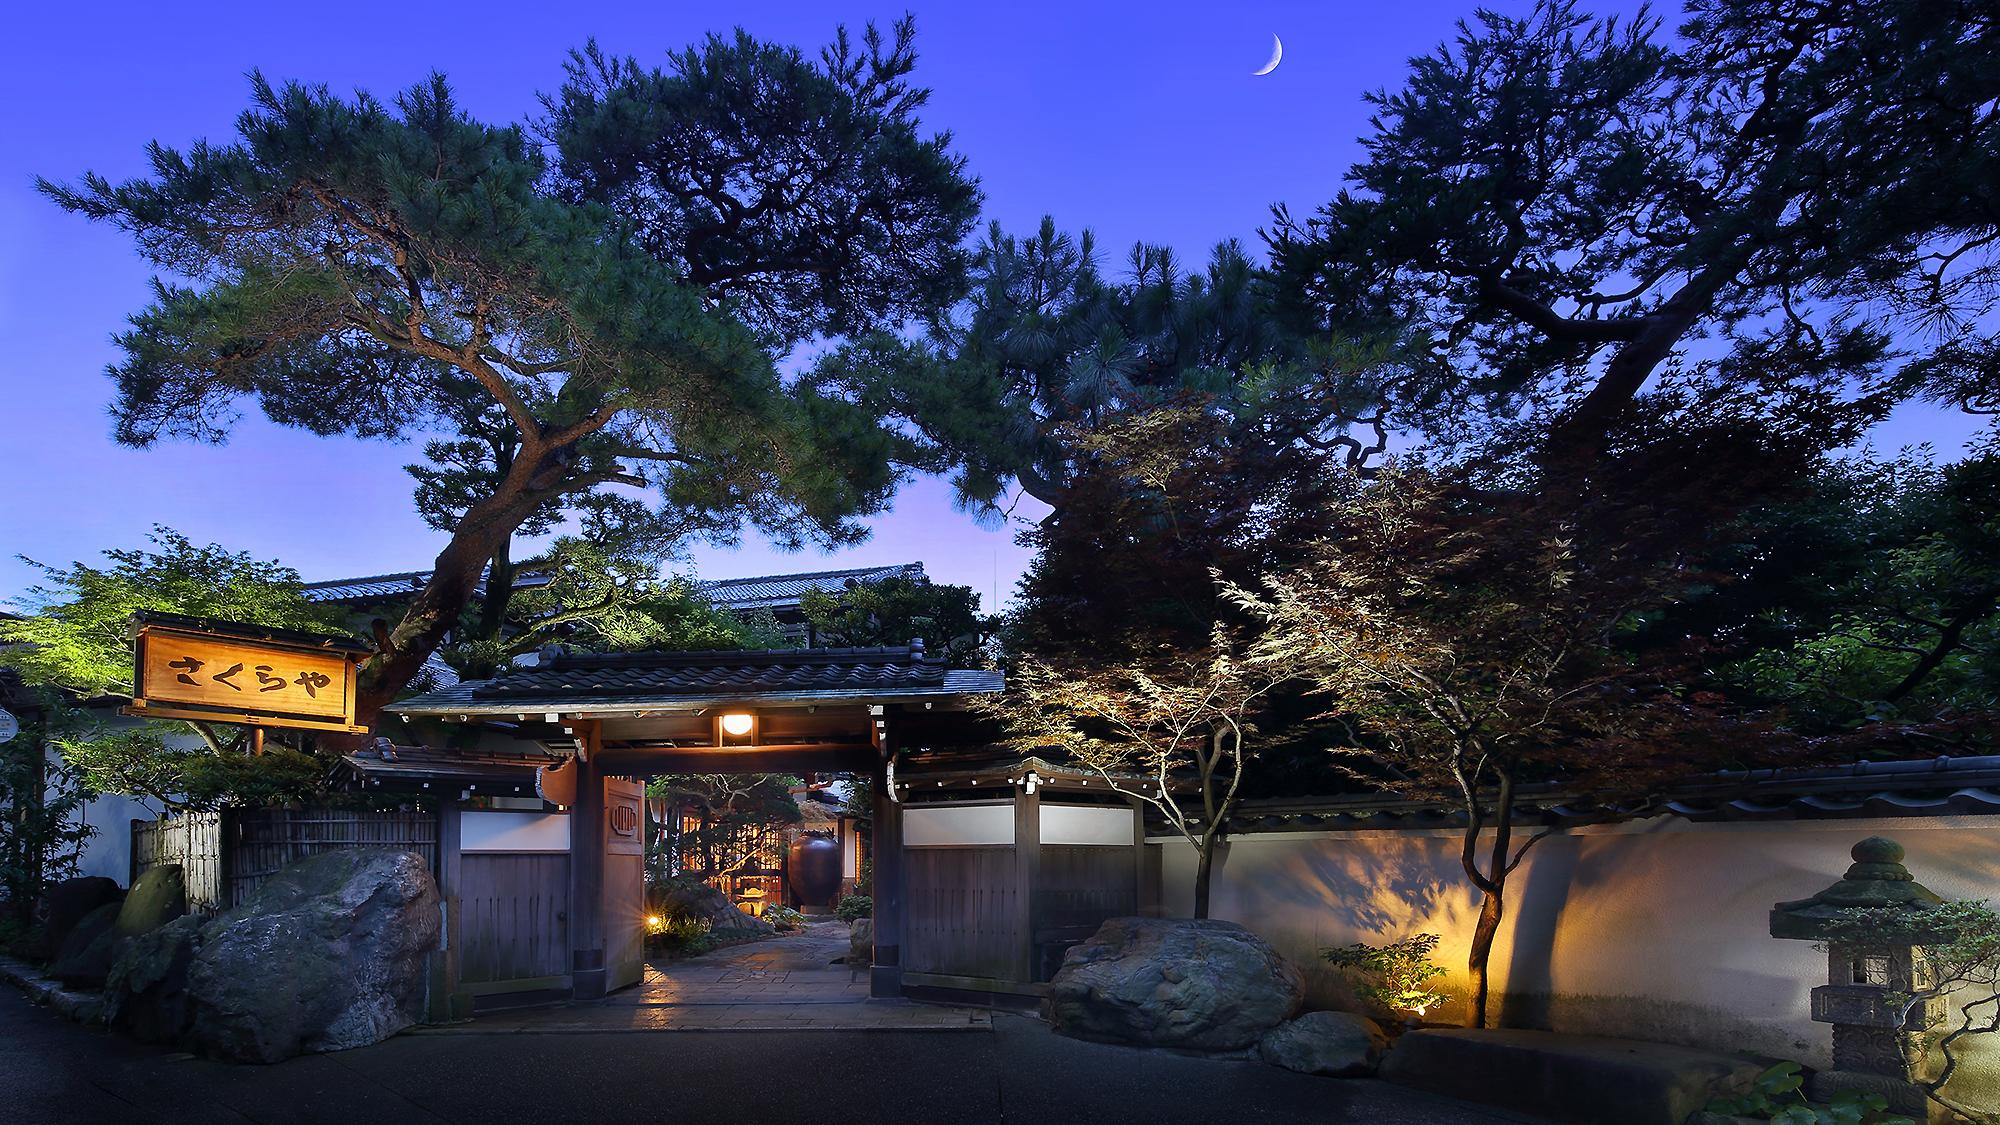 親戚で気兼ねなくくつろげる露天風呂付き客室があり、食事が部屋だしの熱海温泉の宿を探しています。